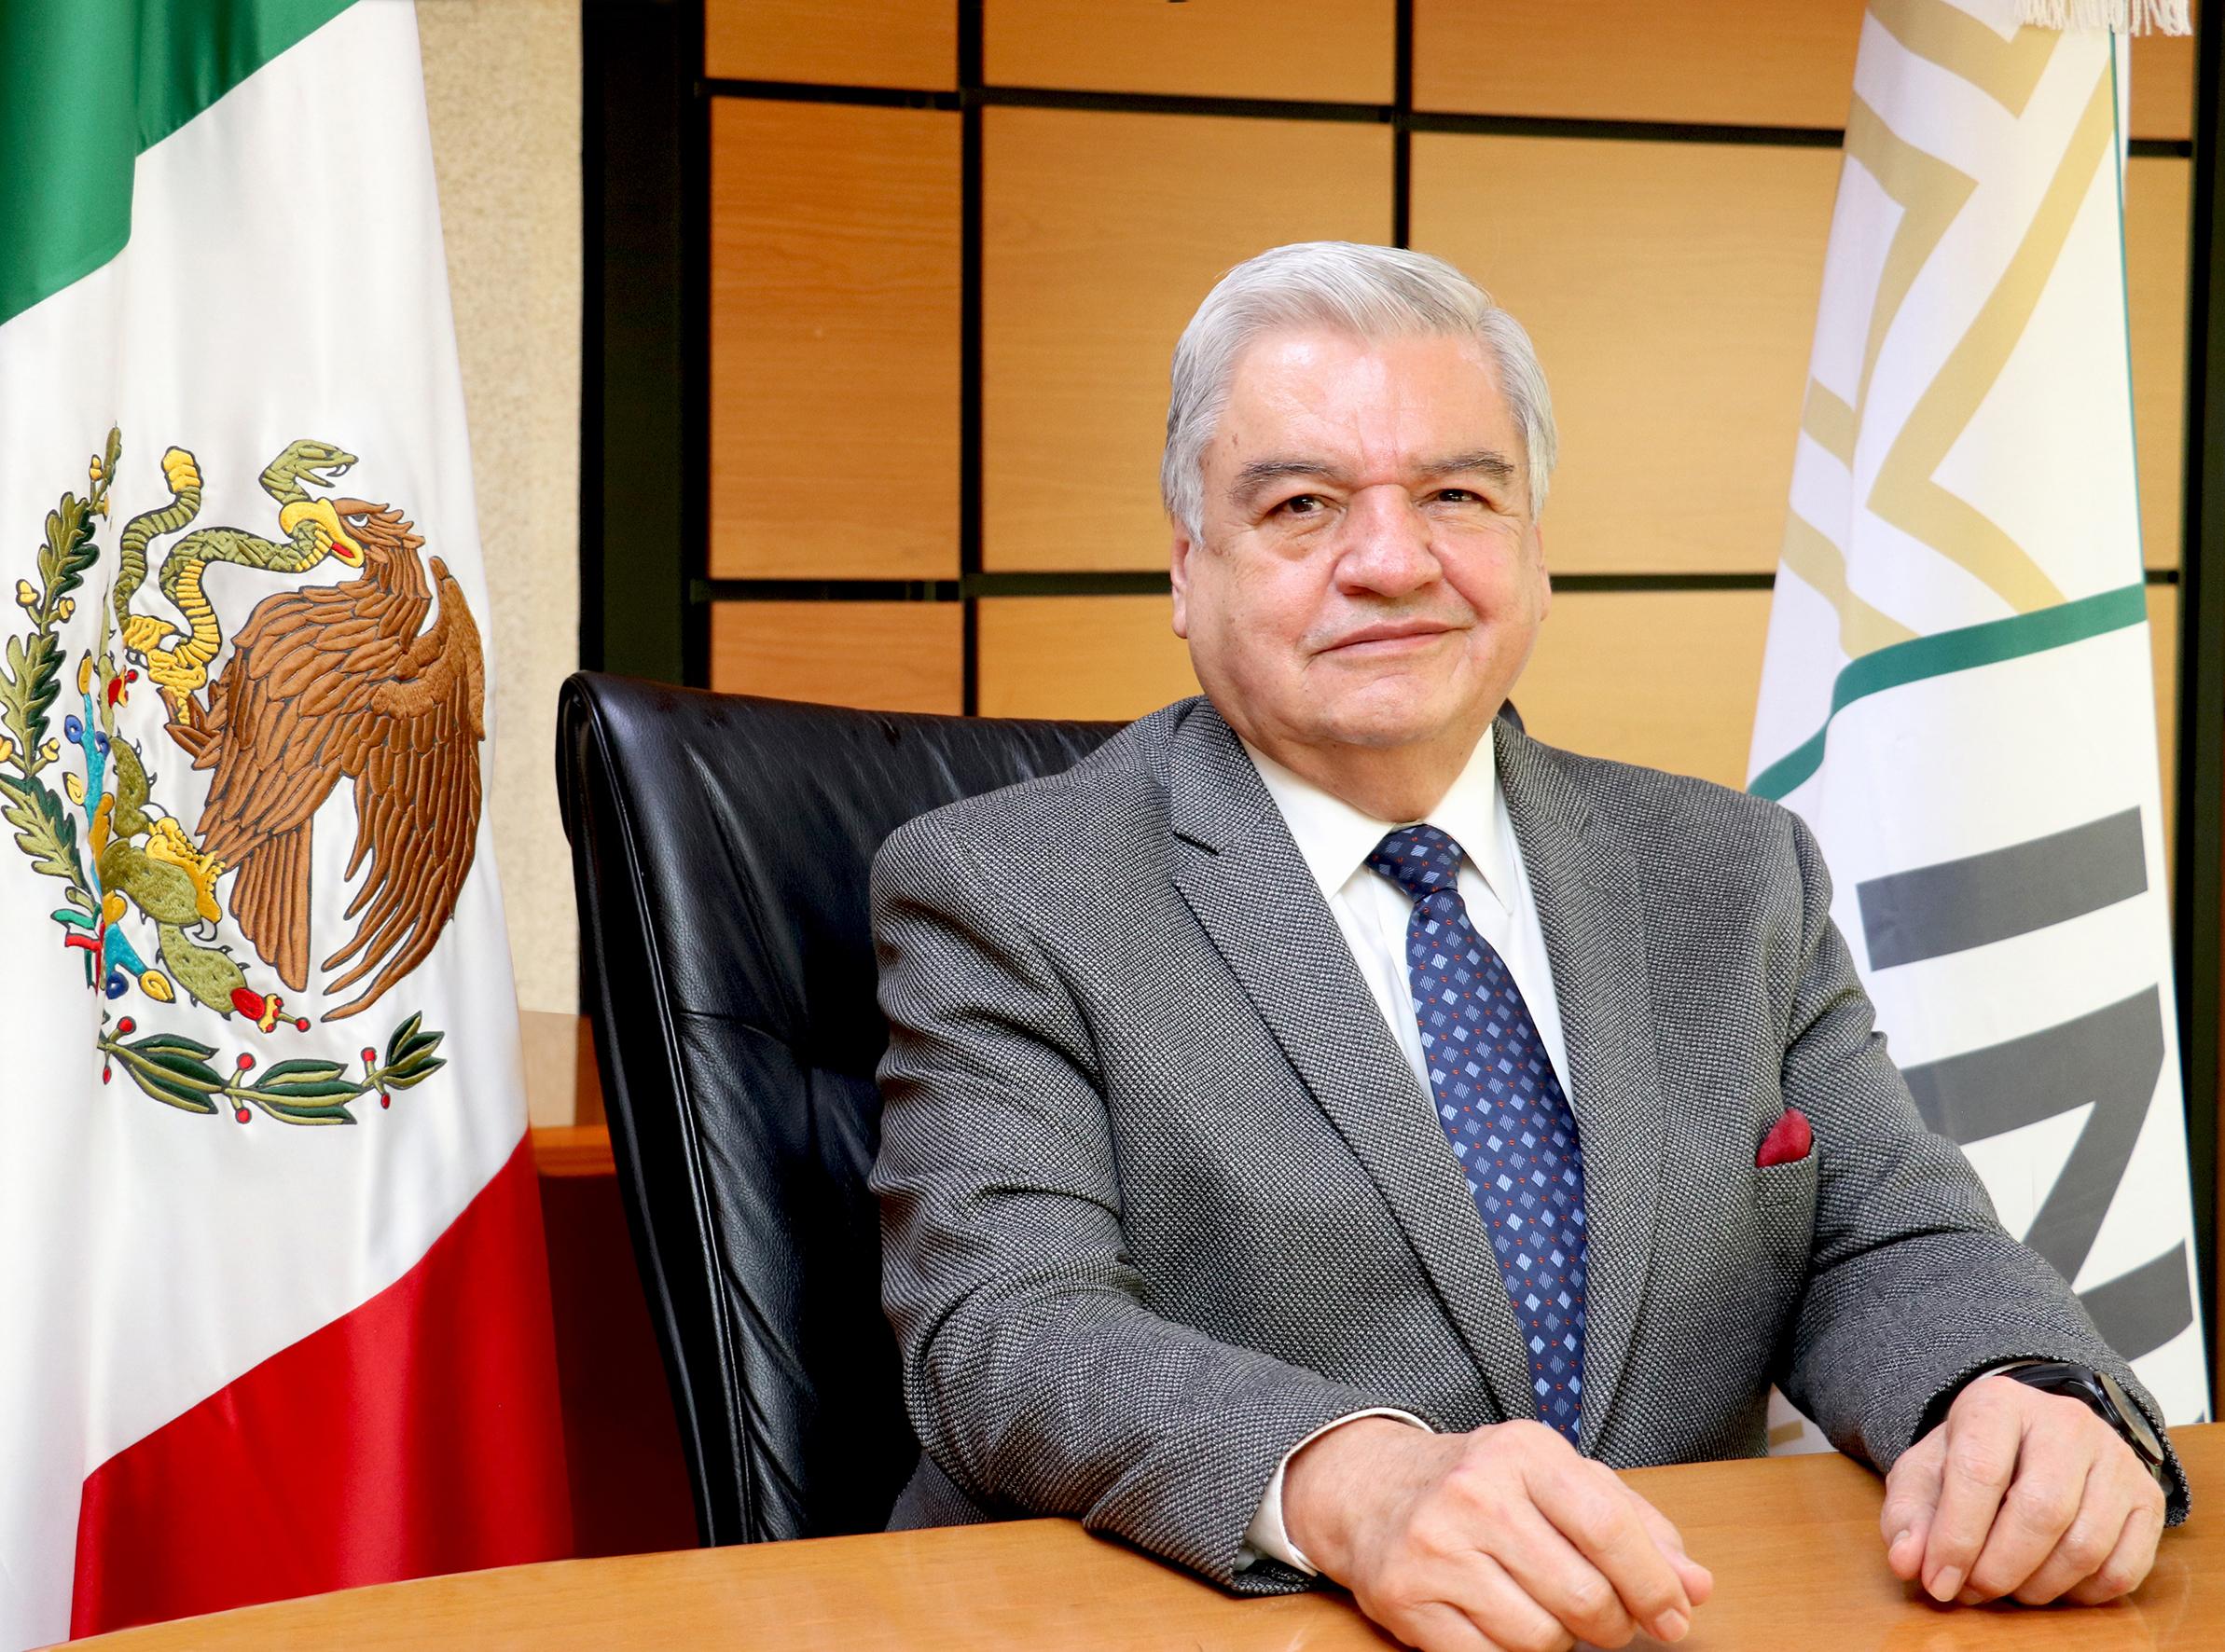 Es Licenciado en Derecho por la Universidad Autónoma de Querétaro (UAQ) y cuenta con diversos cursos en Derecho Laboral, Penal y Procesal Penal por la misma casa de estudios. Posee diversos diplomados y especializaciones en materia jurídica.